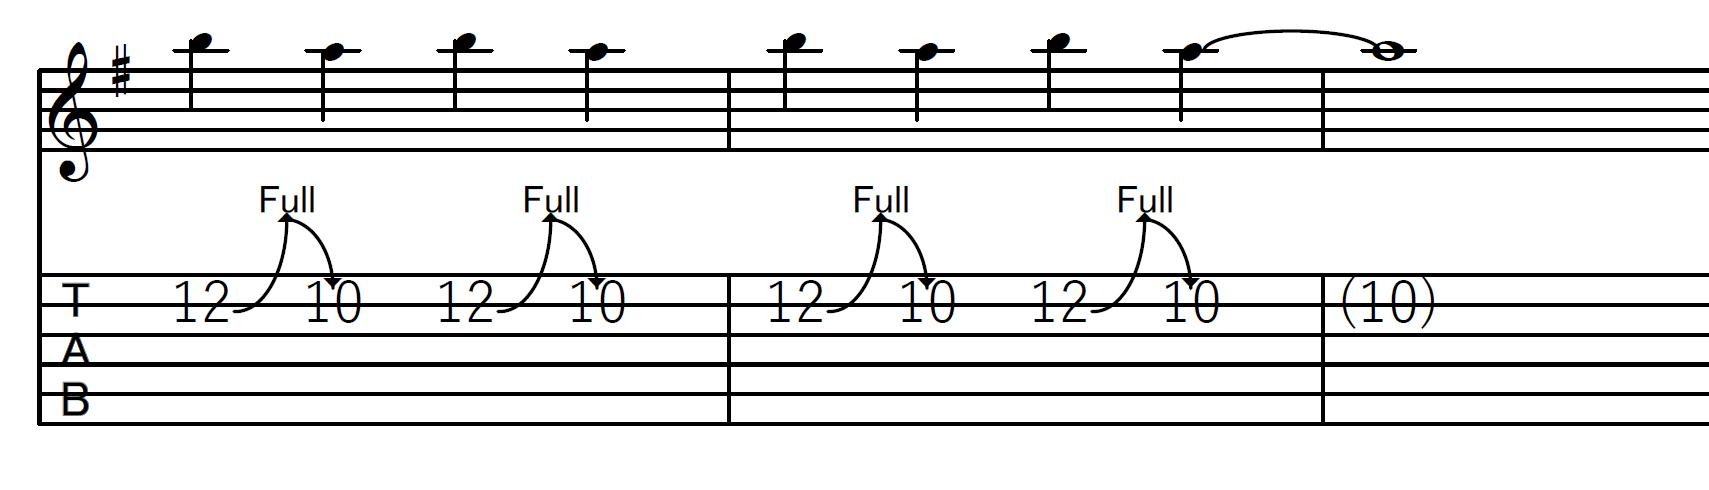 チョーキングとチョークダウンの練習(TAB譜)